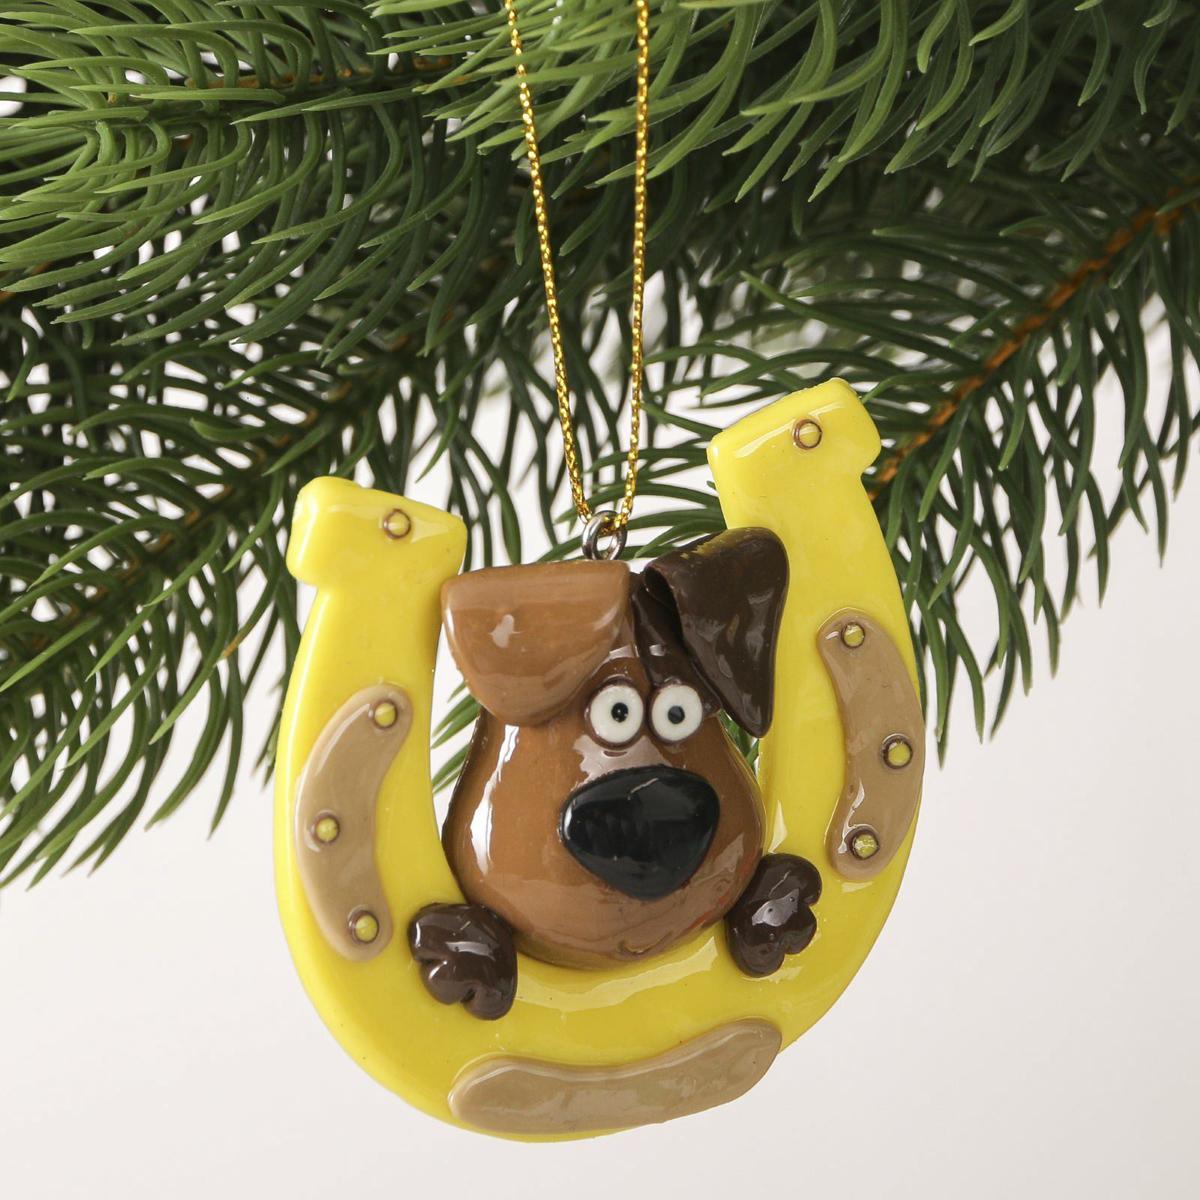 Украшение новогоднее подвесное На удачу, 5,8 х 6,2 см2323283Новогоднее украшение, выполненное из полирезина, отлично подойдет для декорации вашего дома и новогодней ели. С помощью специальнойпетельки украшение можно повесить в любом понравившемся вам месте. Но, конечно, удачнее всего оно будет смотреться на праздничной елке. Елочная игрушка - символ Нового года. Она несет в себе волшебство и красоту праздника. Такое украшение создаст в вашем домеатмосферу праздника, веселья и радости.